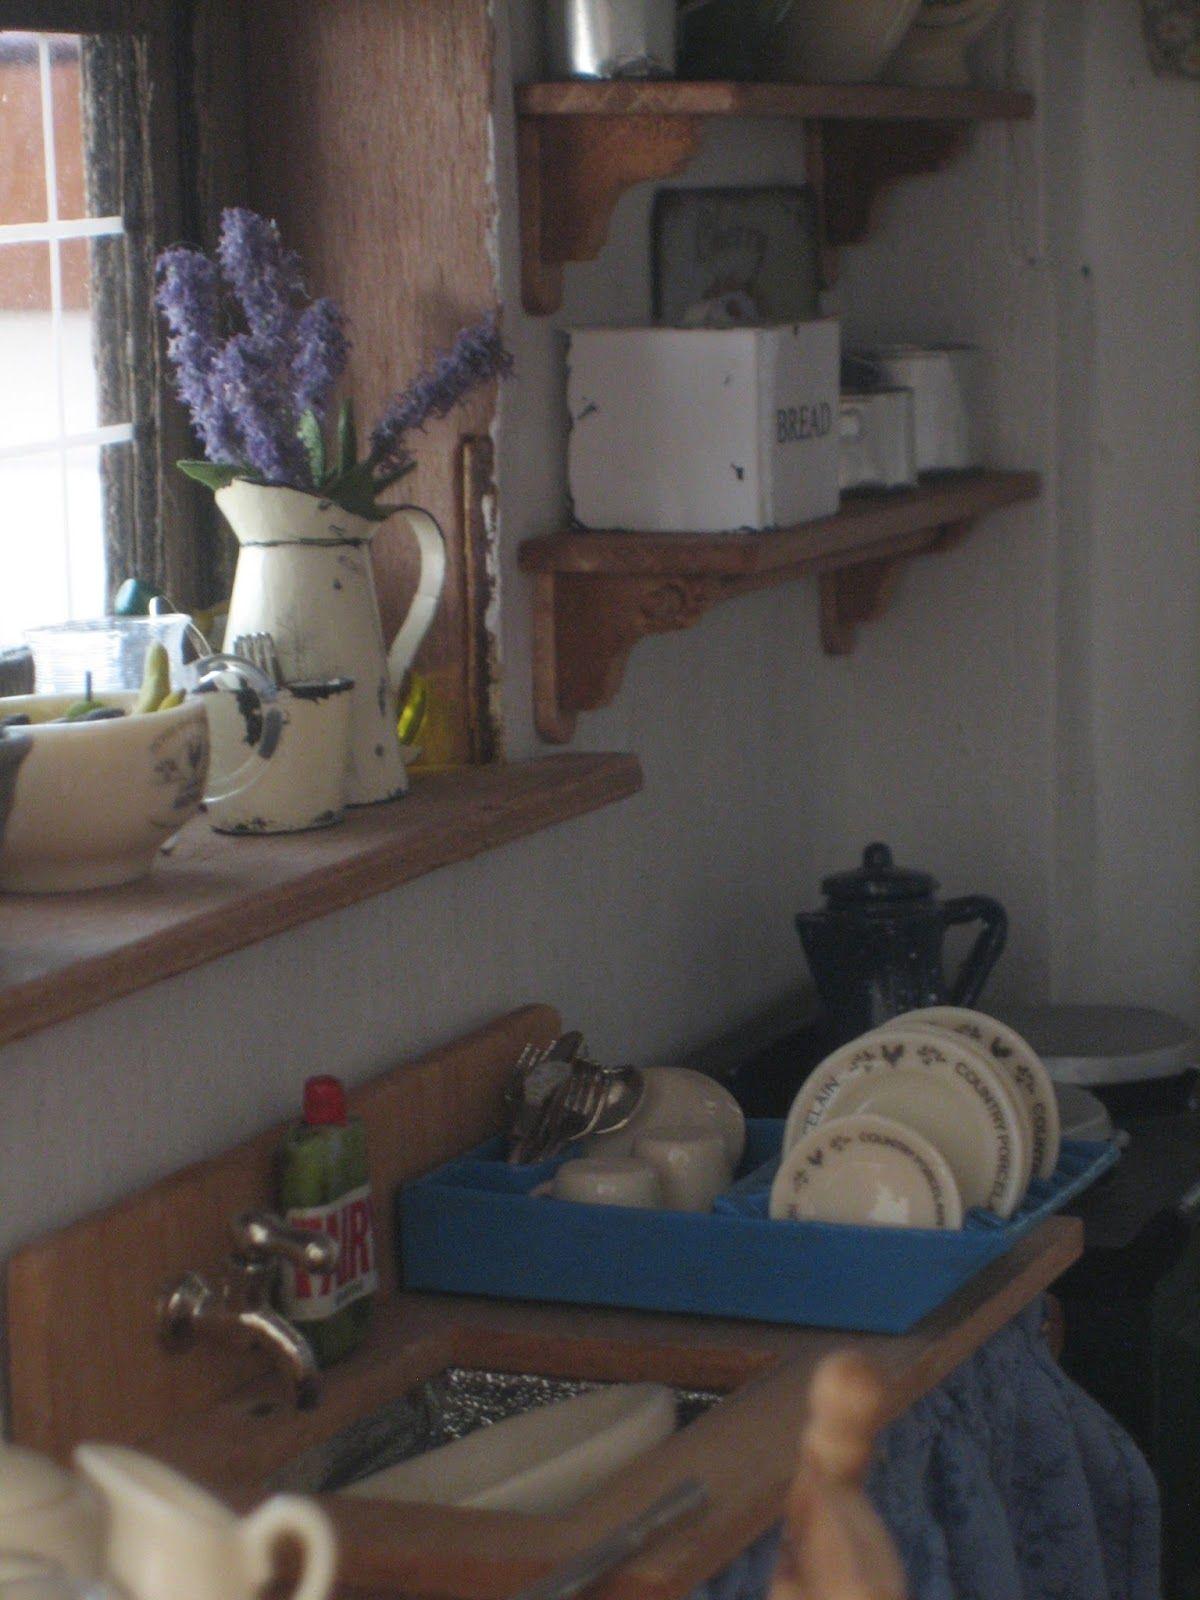 Piglettonin keittiössä alkaa olla valmista. Tein hellan yläpuolelle kaksi hyllyä. Verhotkin sain ikkunaan pienen tappelun jälkeen. Pieni...